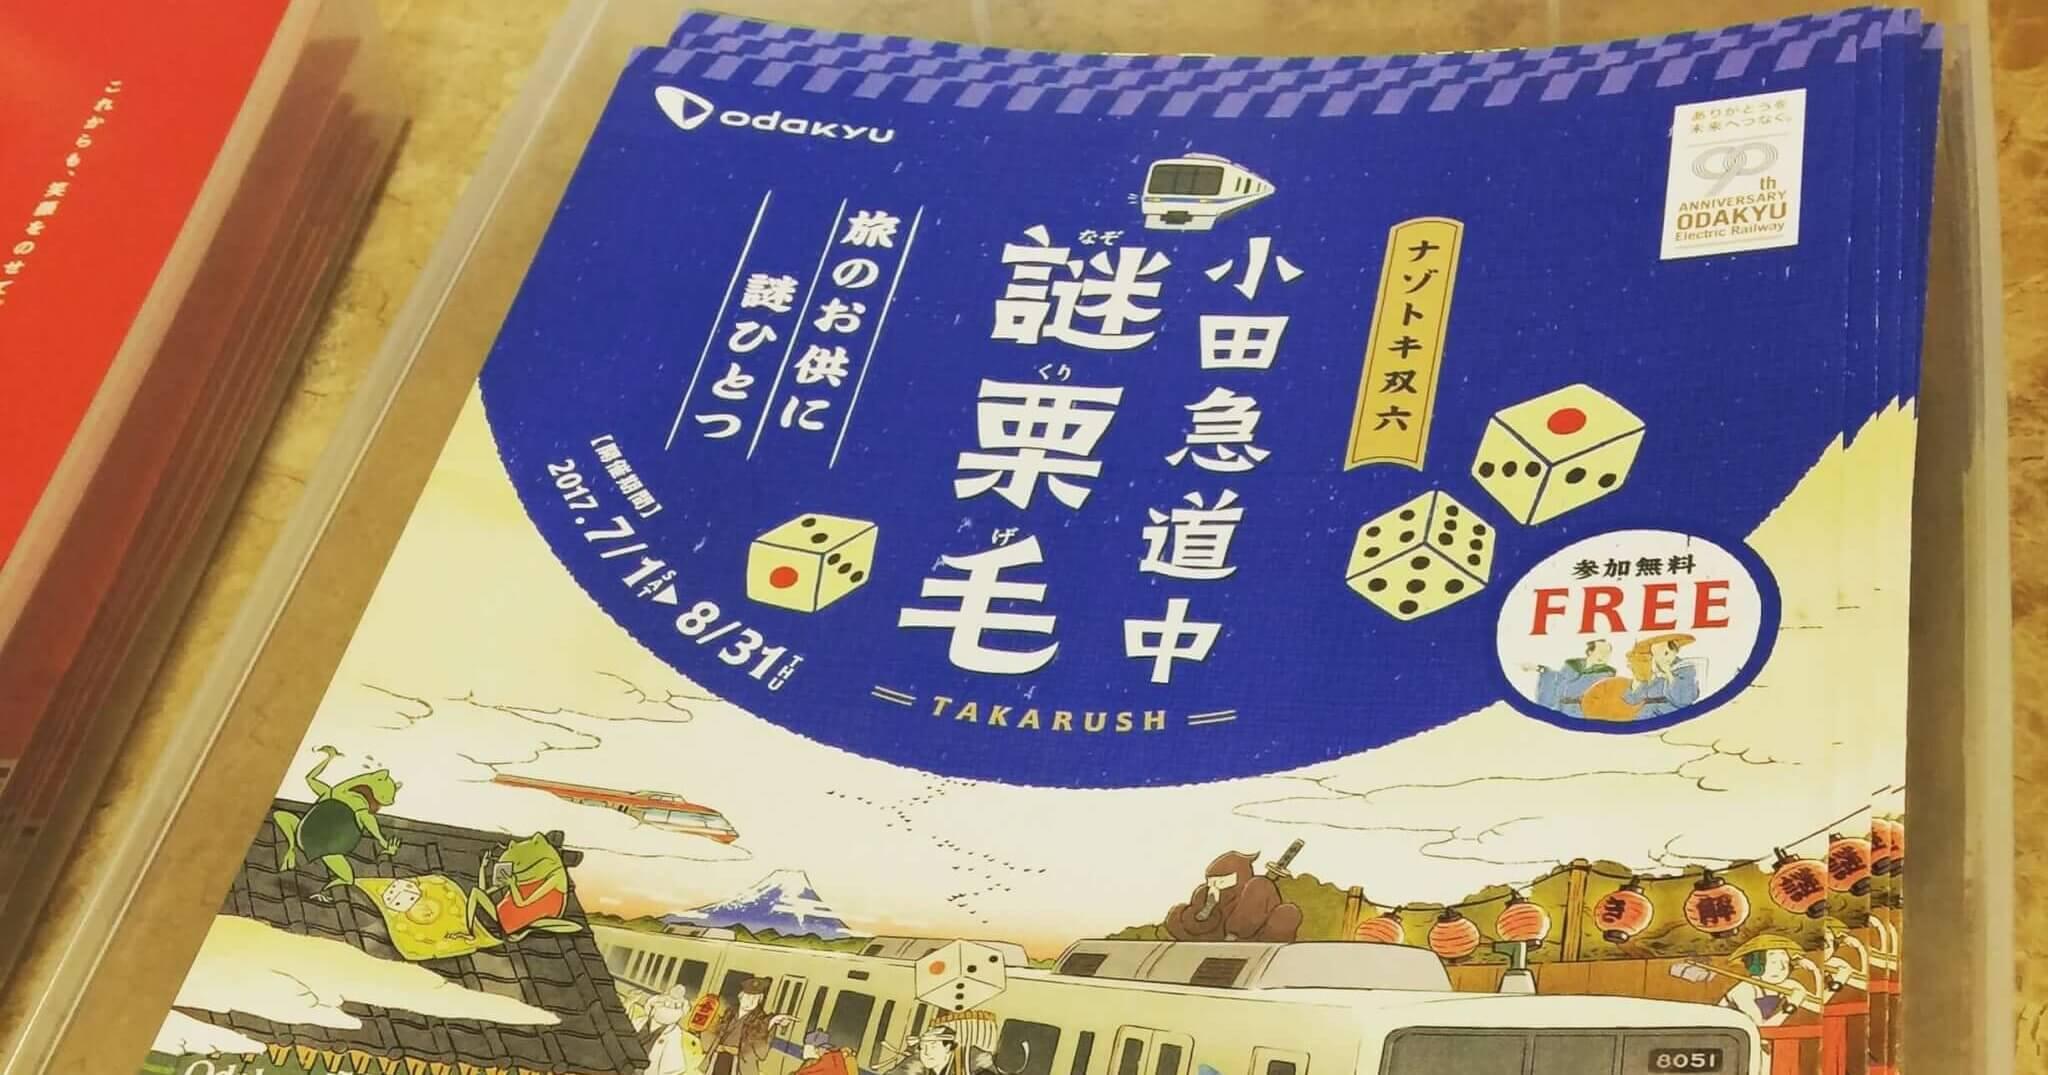 小田急線謎解き双六(すごろく)のパンフレット